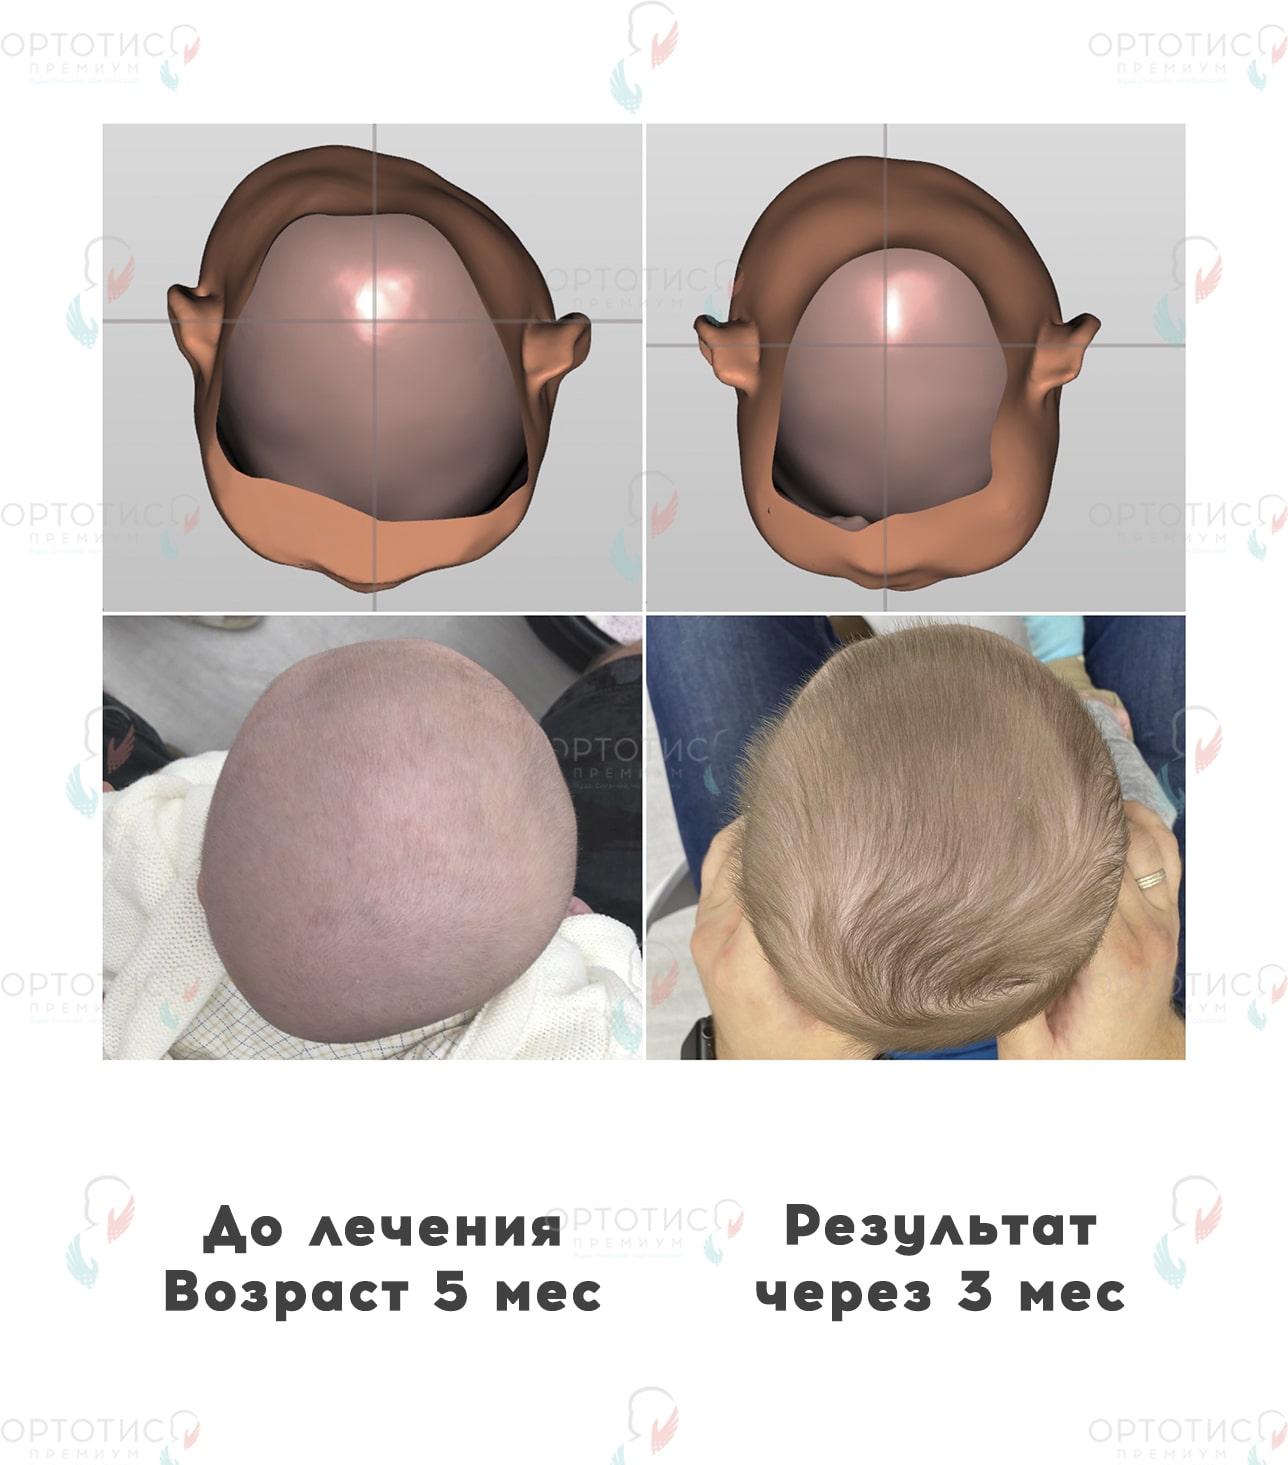 Плагиоцефалия, 3 месяца - Ортотис Премиум